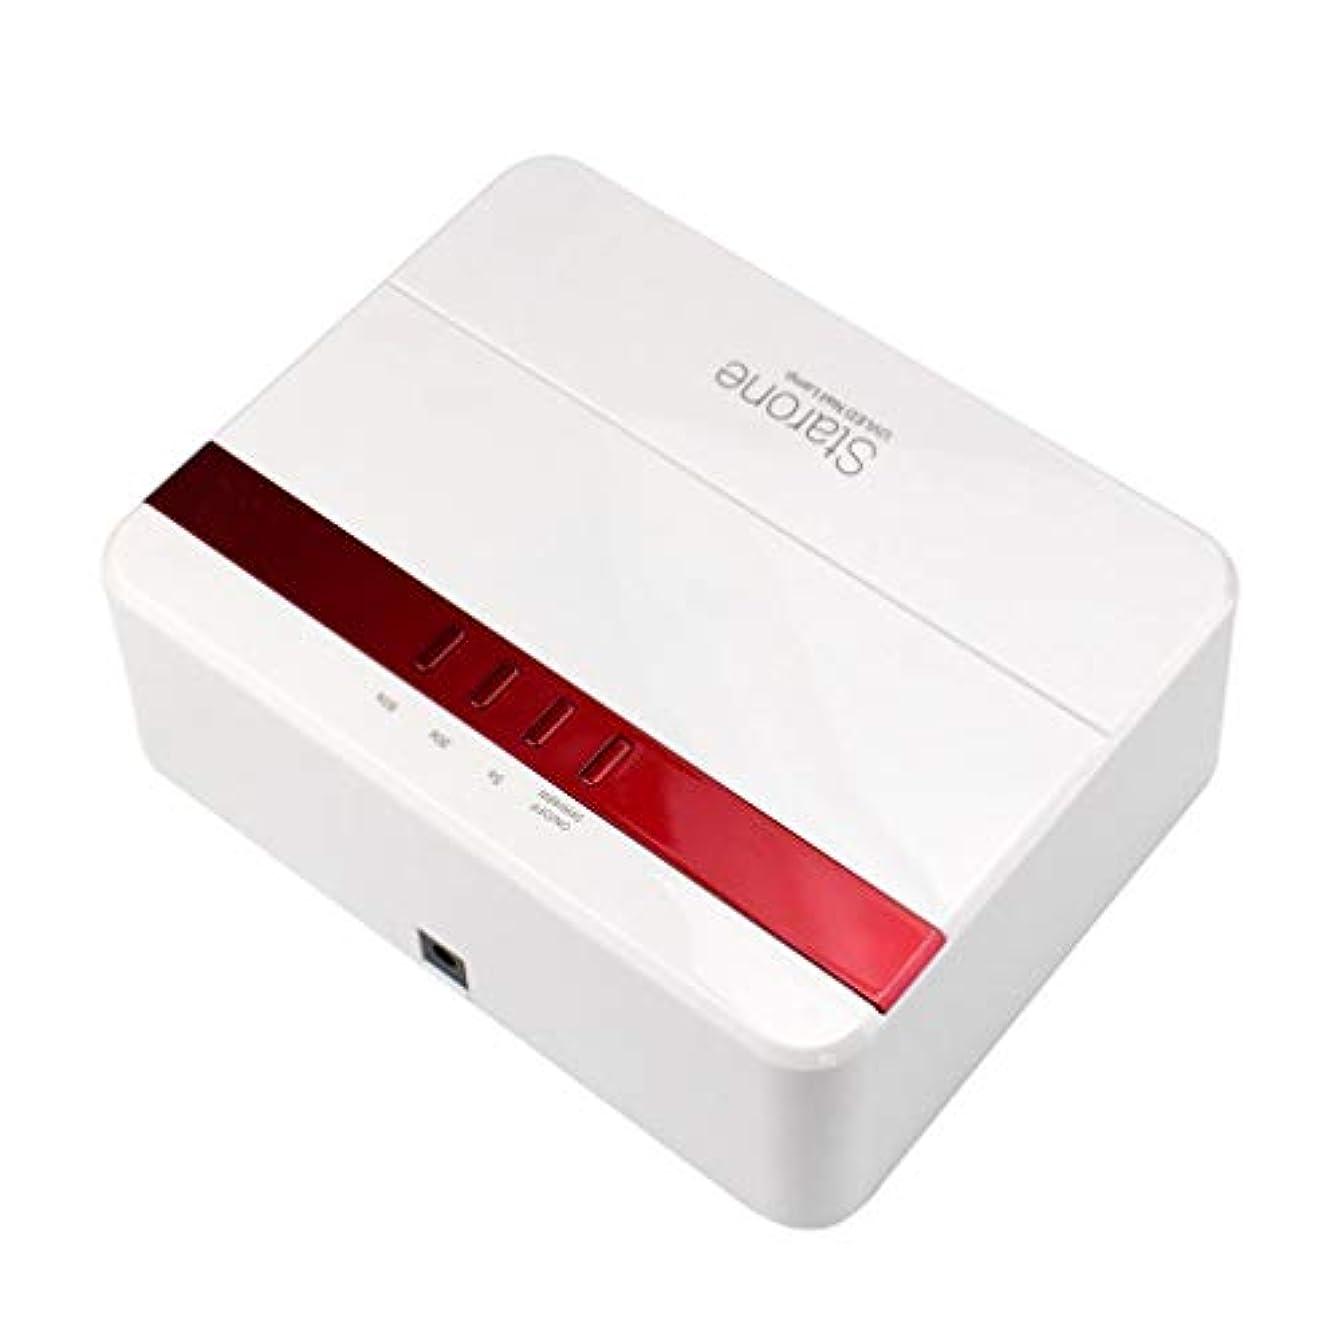 確認するショッピングセンター生き返らせるスマートUV/LEDネイルライト、速乾性ネイルドライヤー、24 / 48Wデュアルパワーネイルドライヤー、ゲル研磨用自動センサー、健康的で無害